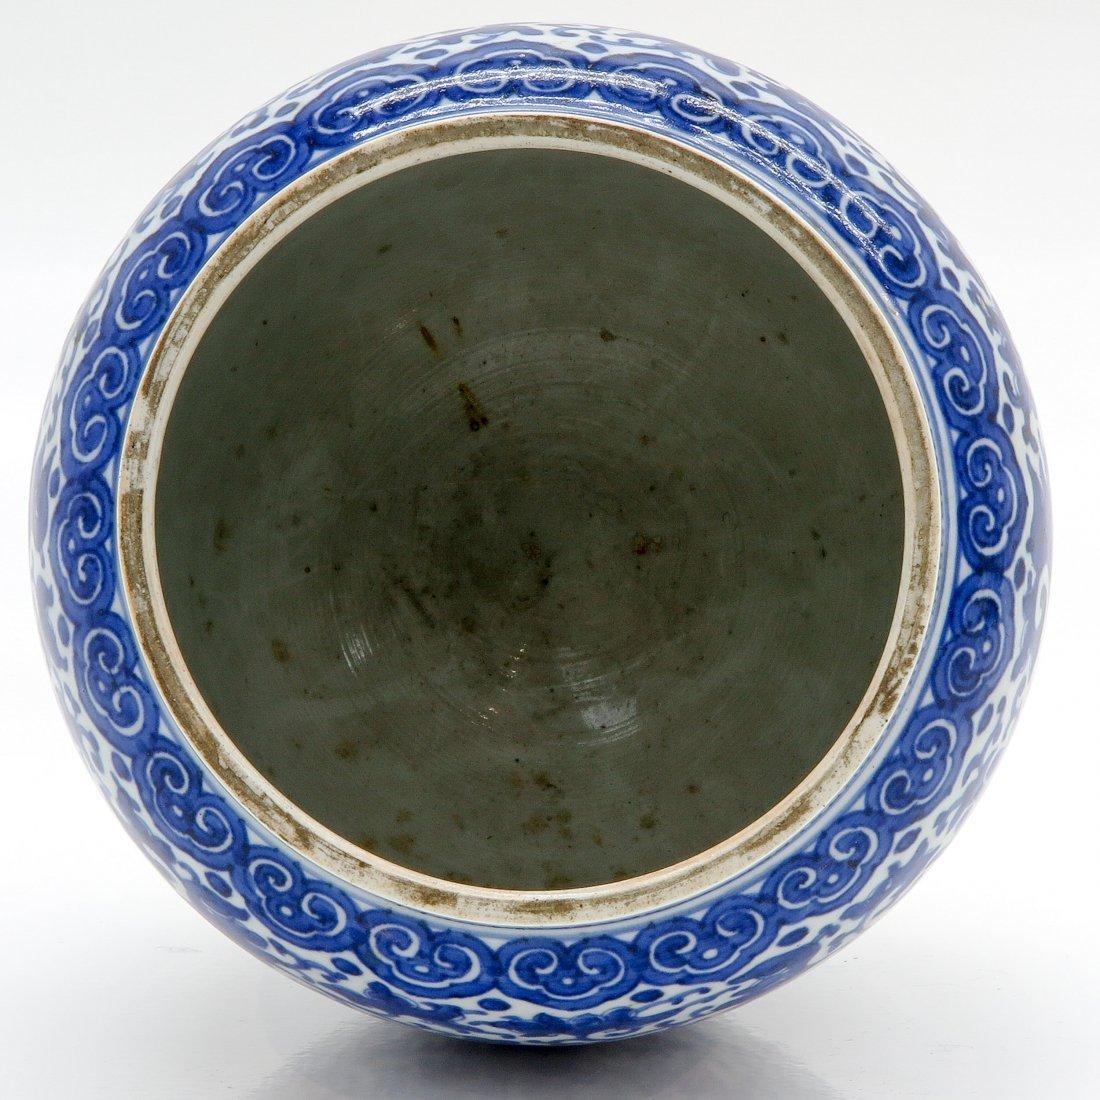 China Porcelain Vase - 5